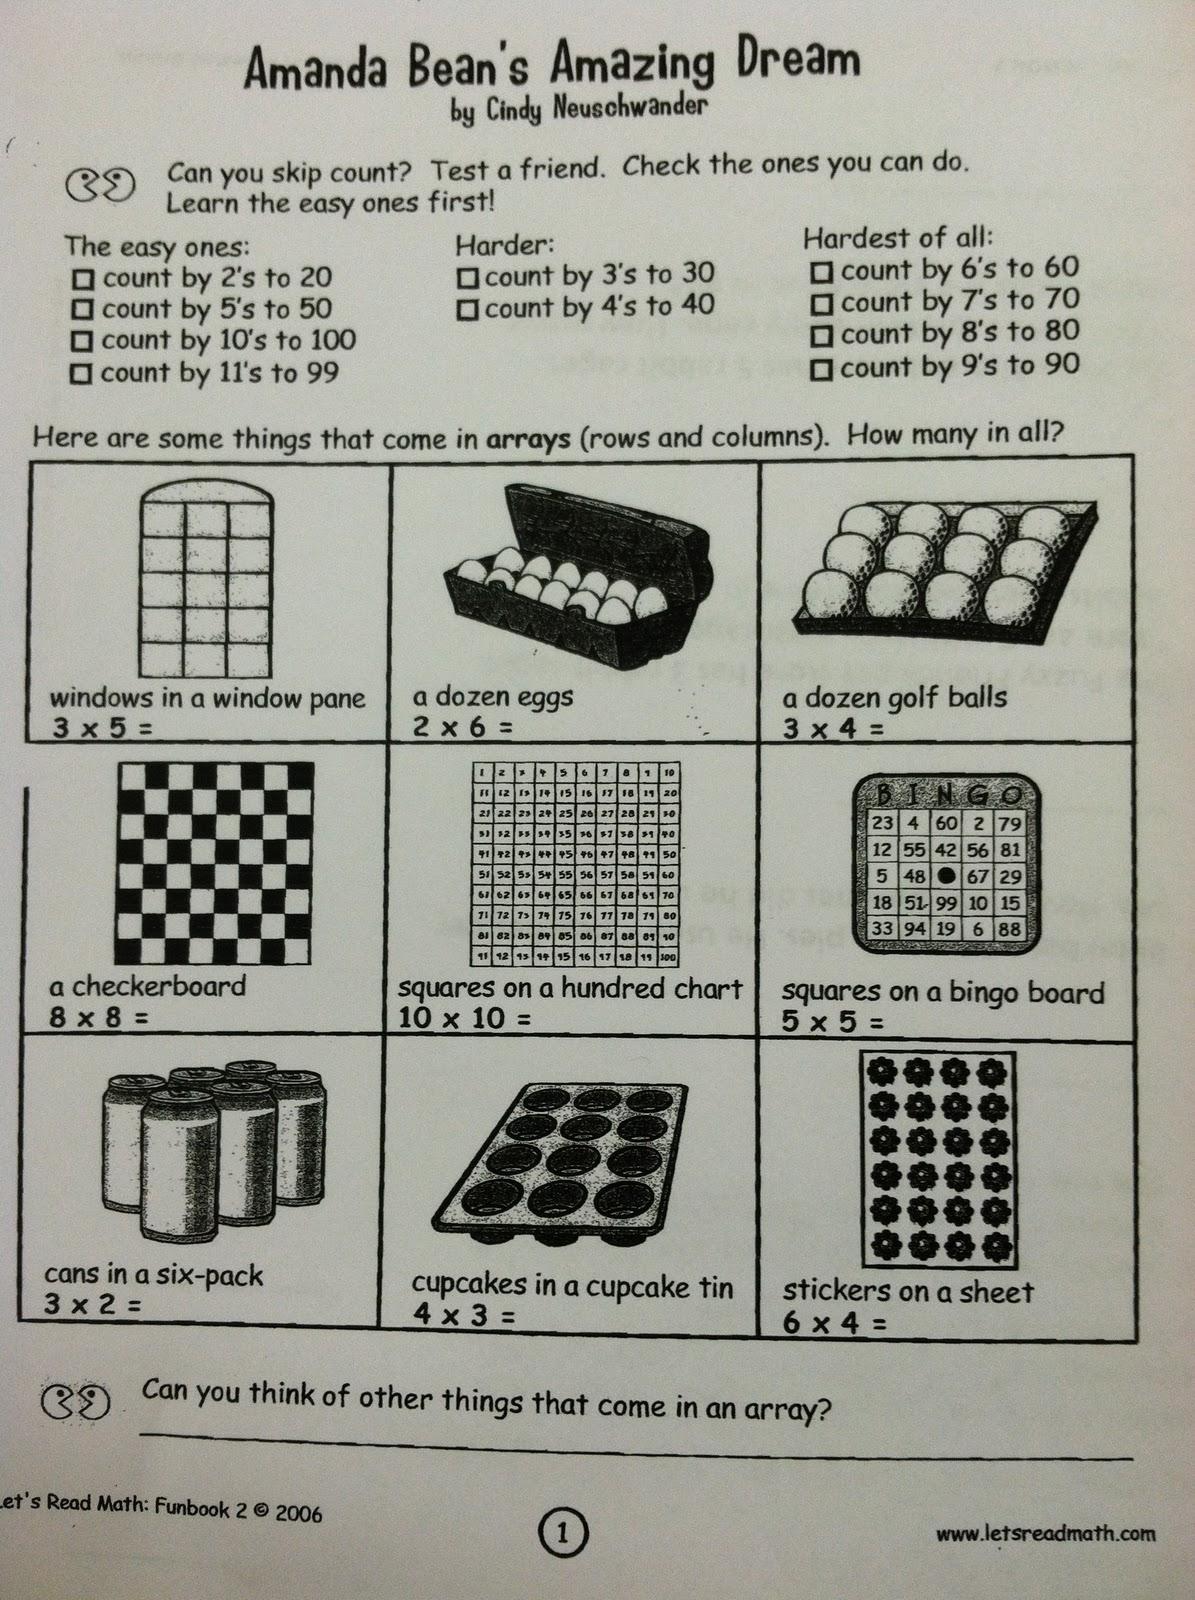 math worksheet : multiplication array worksheets multiplication array worksheets  : Multiplication Array Worksheets 3rd Grade